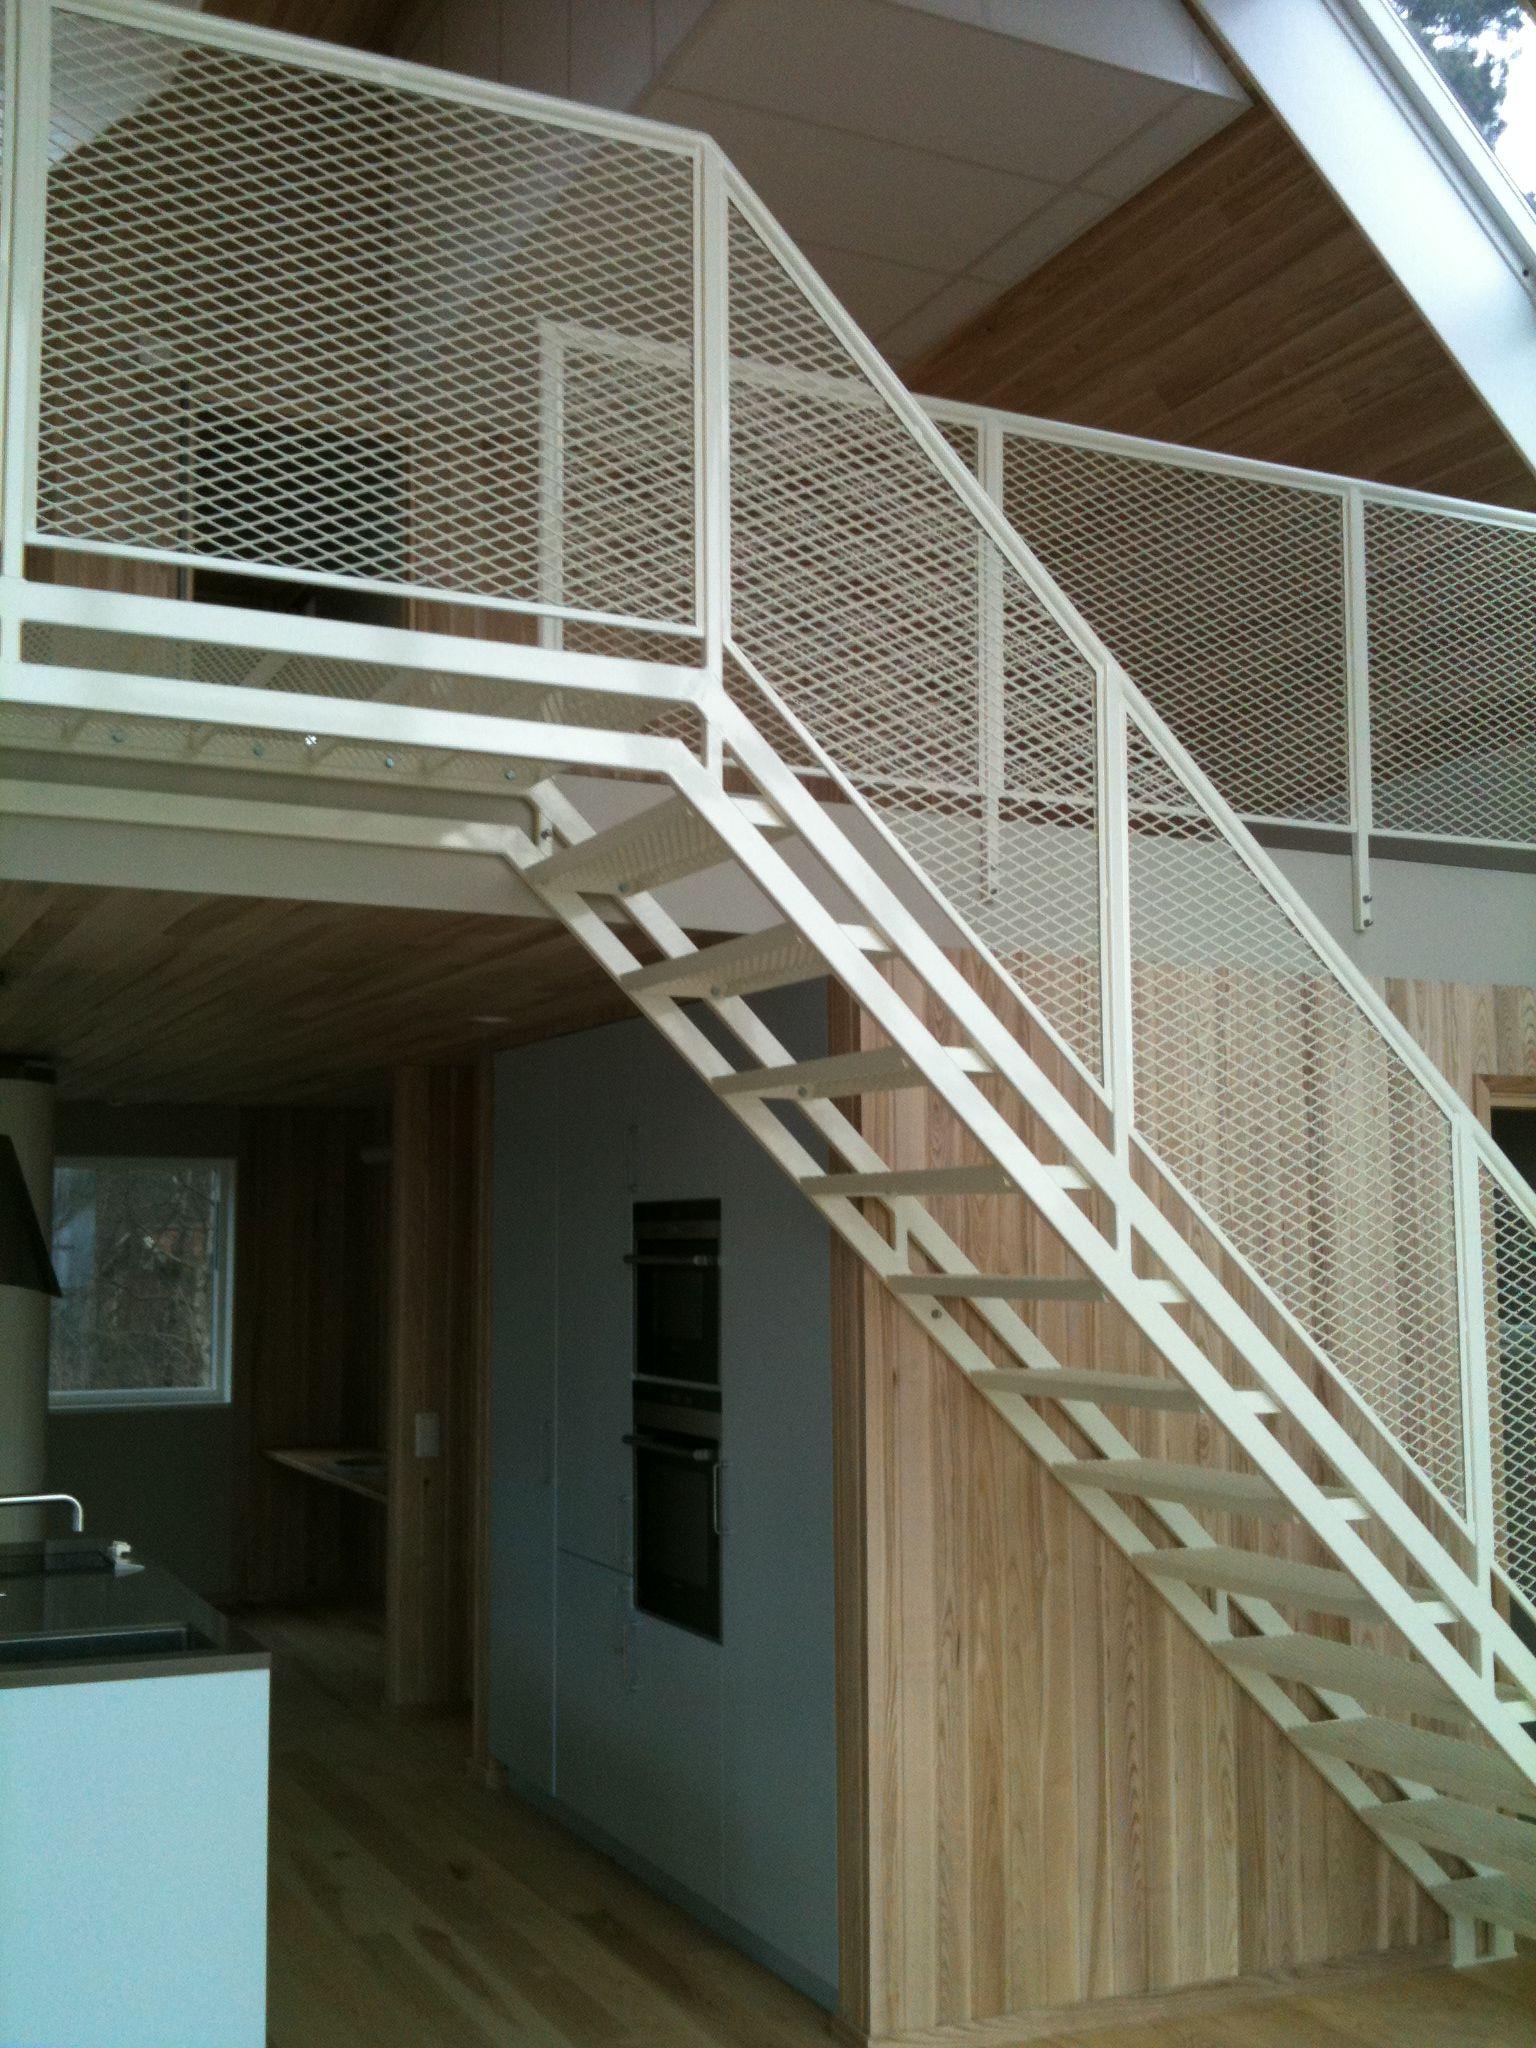 streckmetall trappan till loftet. 2014-02-12 | villap bilddokument, Innenarchitektur ideen